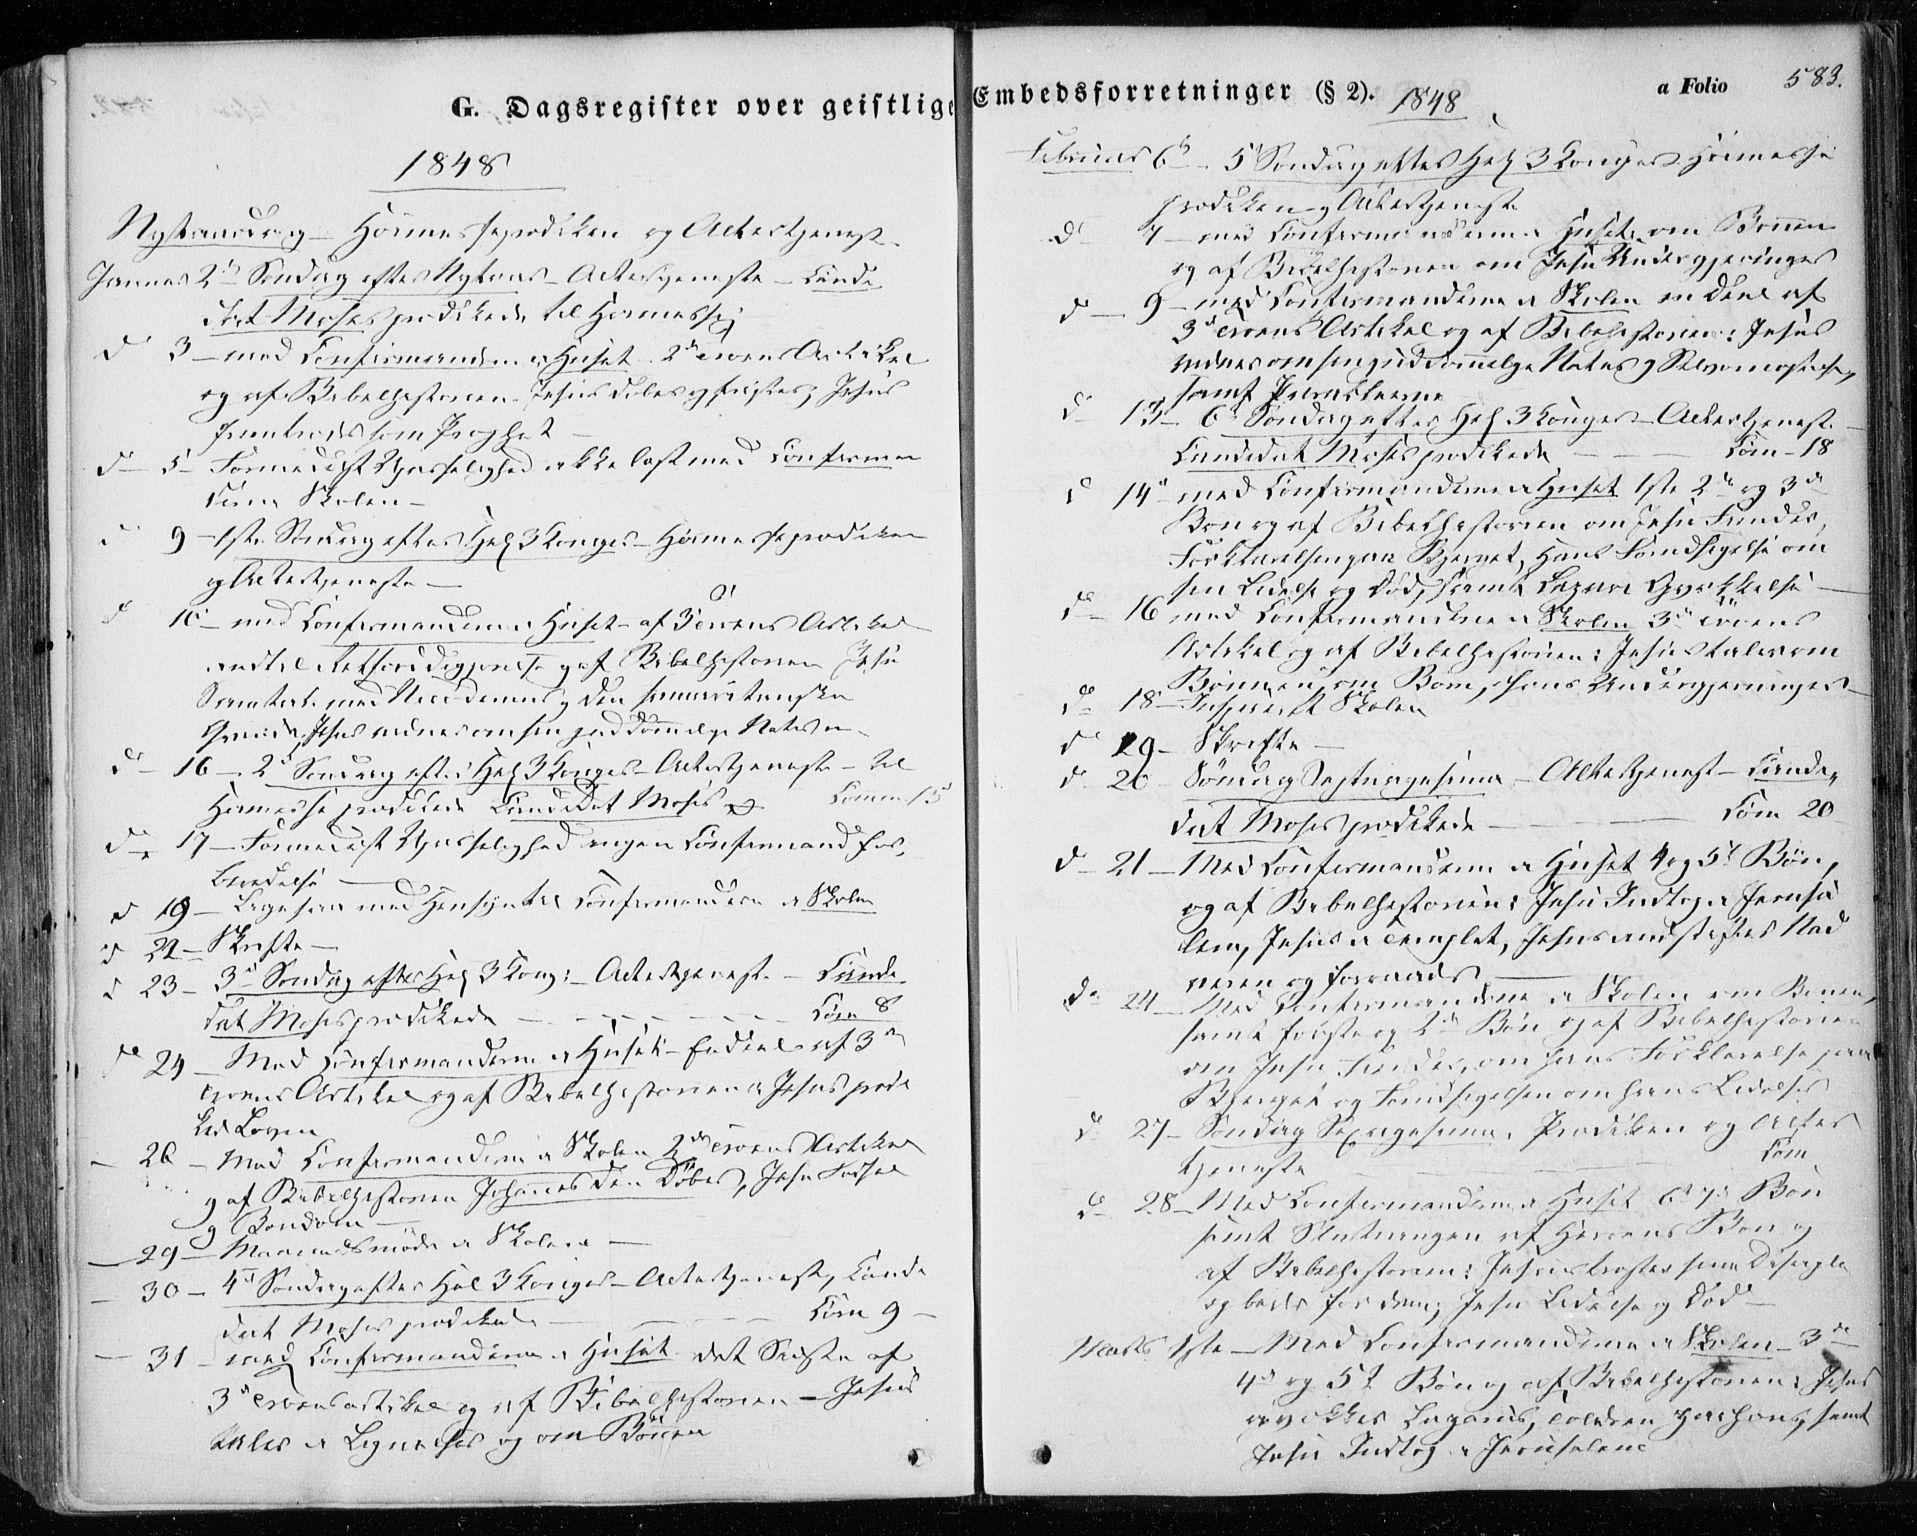 SAT, Ministerialprotokoller, klokkerbøker og fødselsregistre - Sør-Trøndelag, 601/L0051: Ministerialbok nr. 601A19, 1848-1857, s. 583